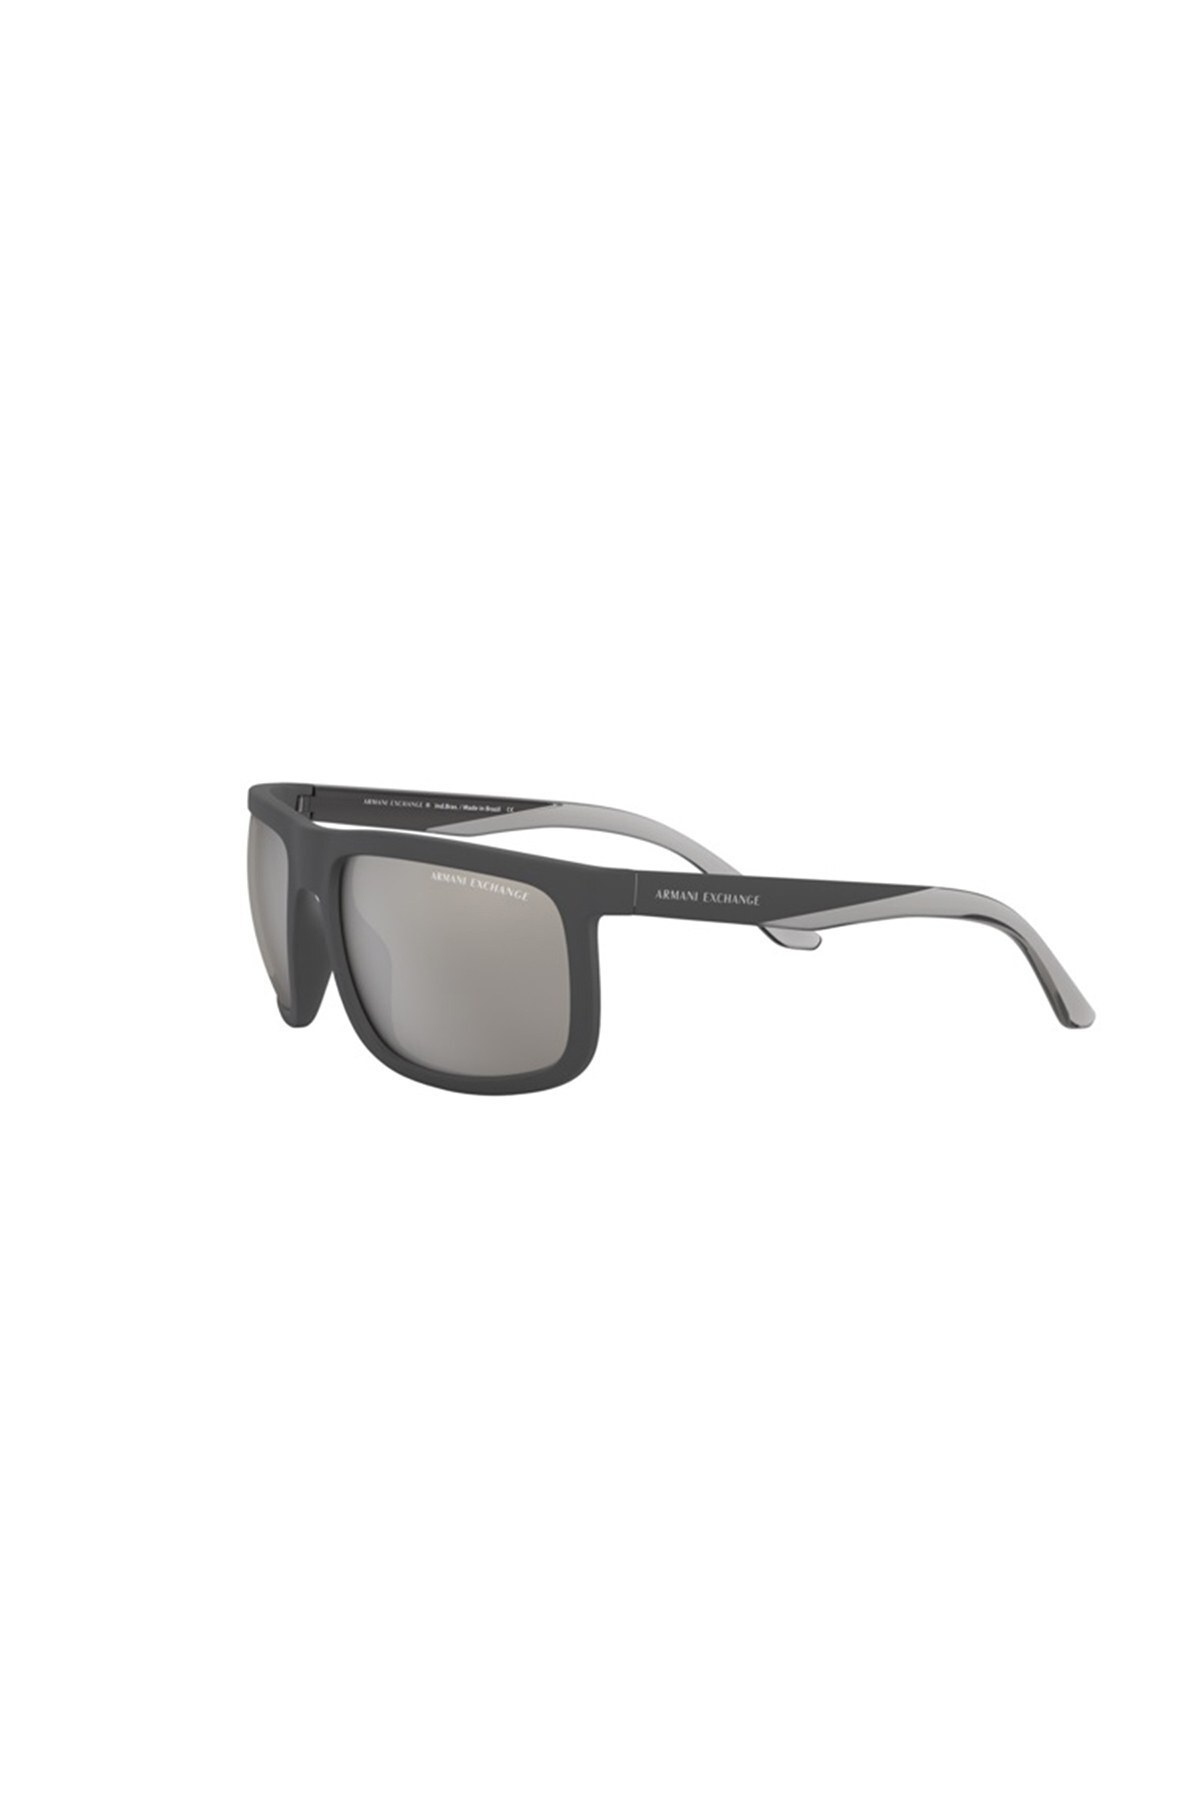 Armani Exchange Aynalı Erkek Gözlük 0AX4084S 80786G 60 SİYAH